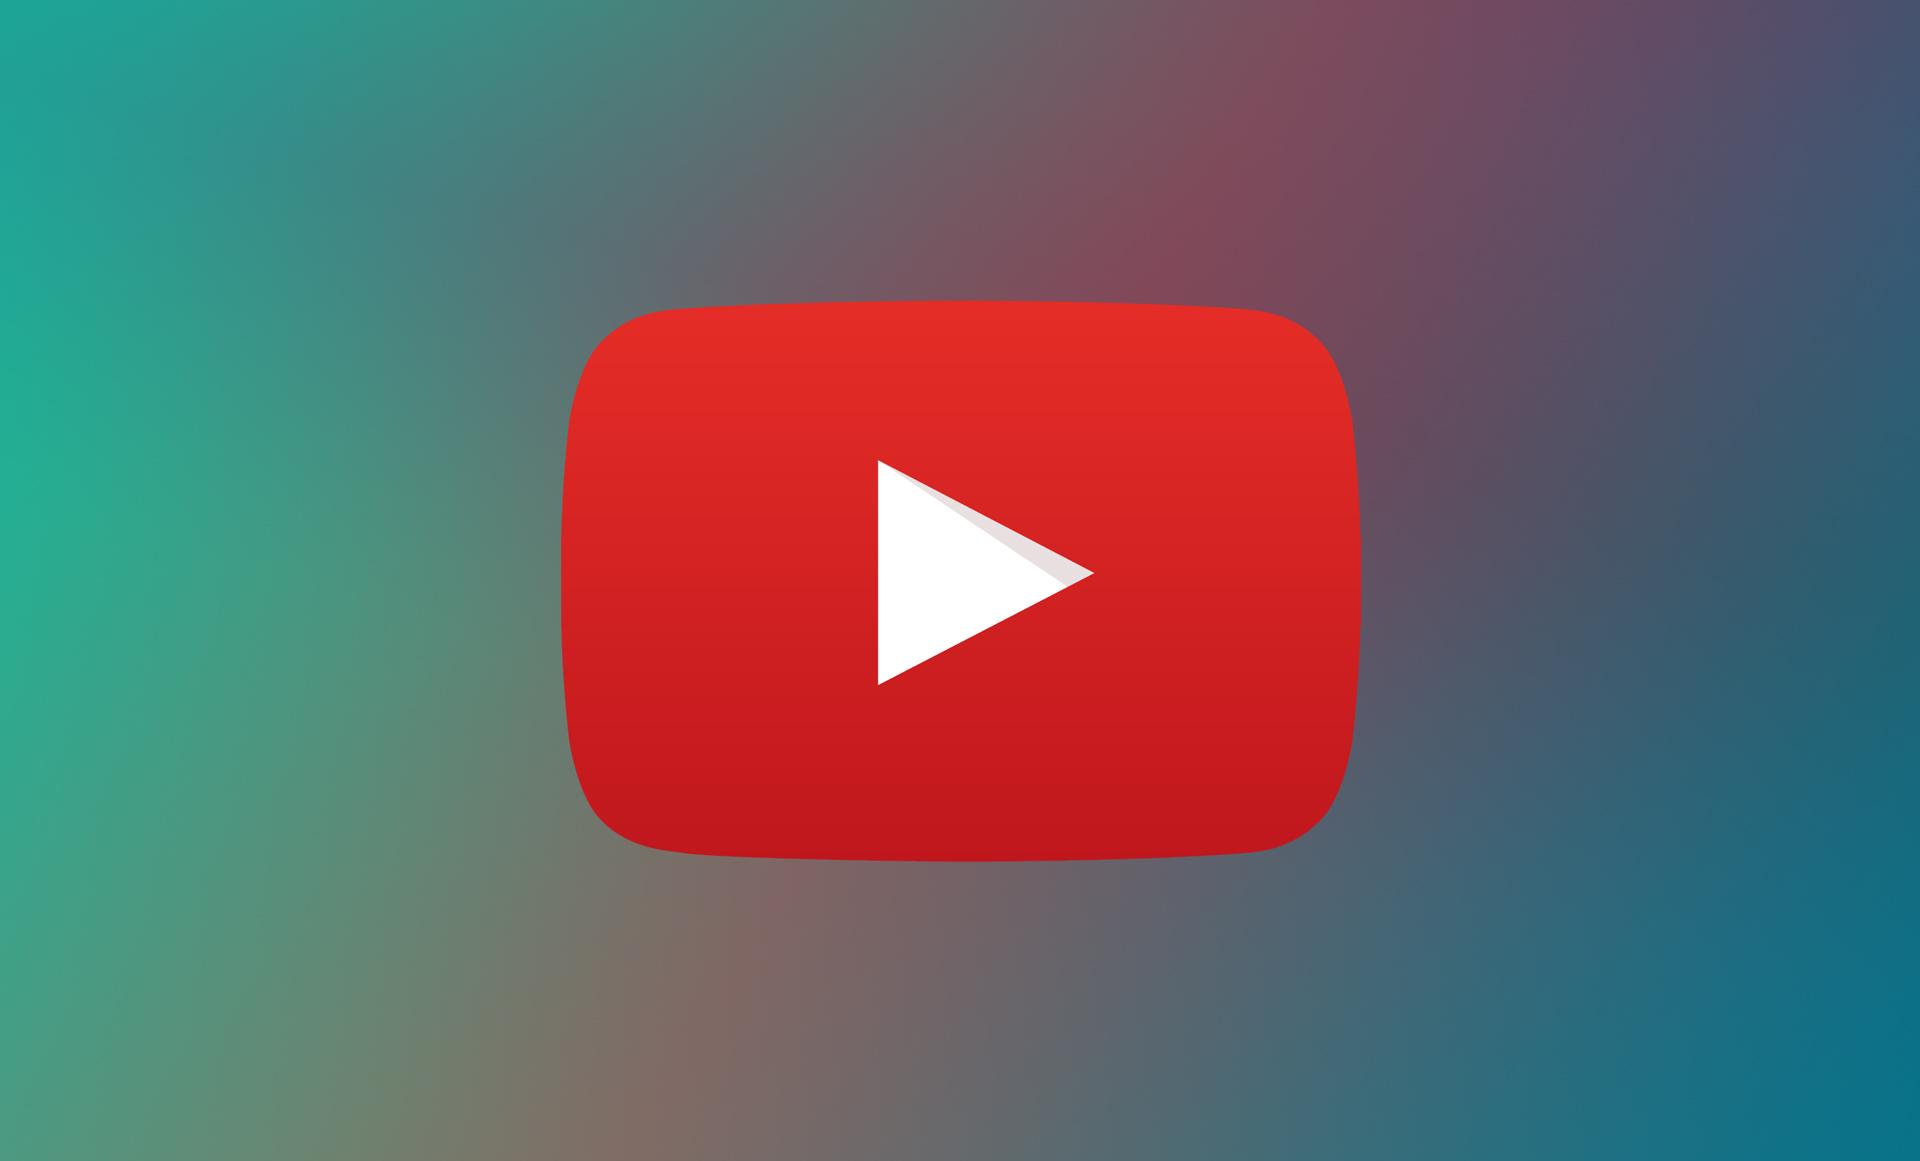 vidéos sur youtube